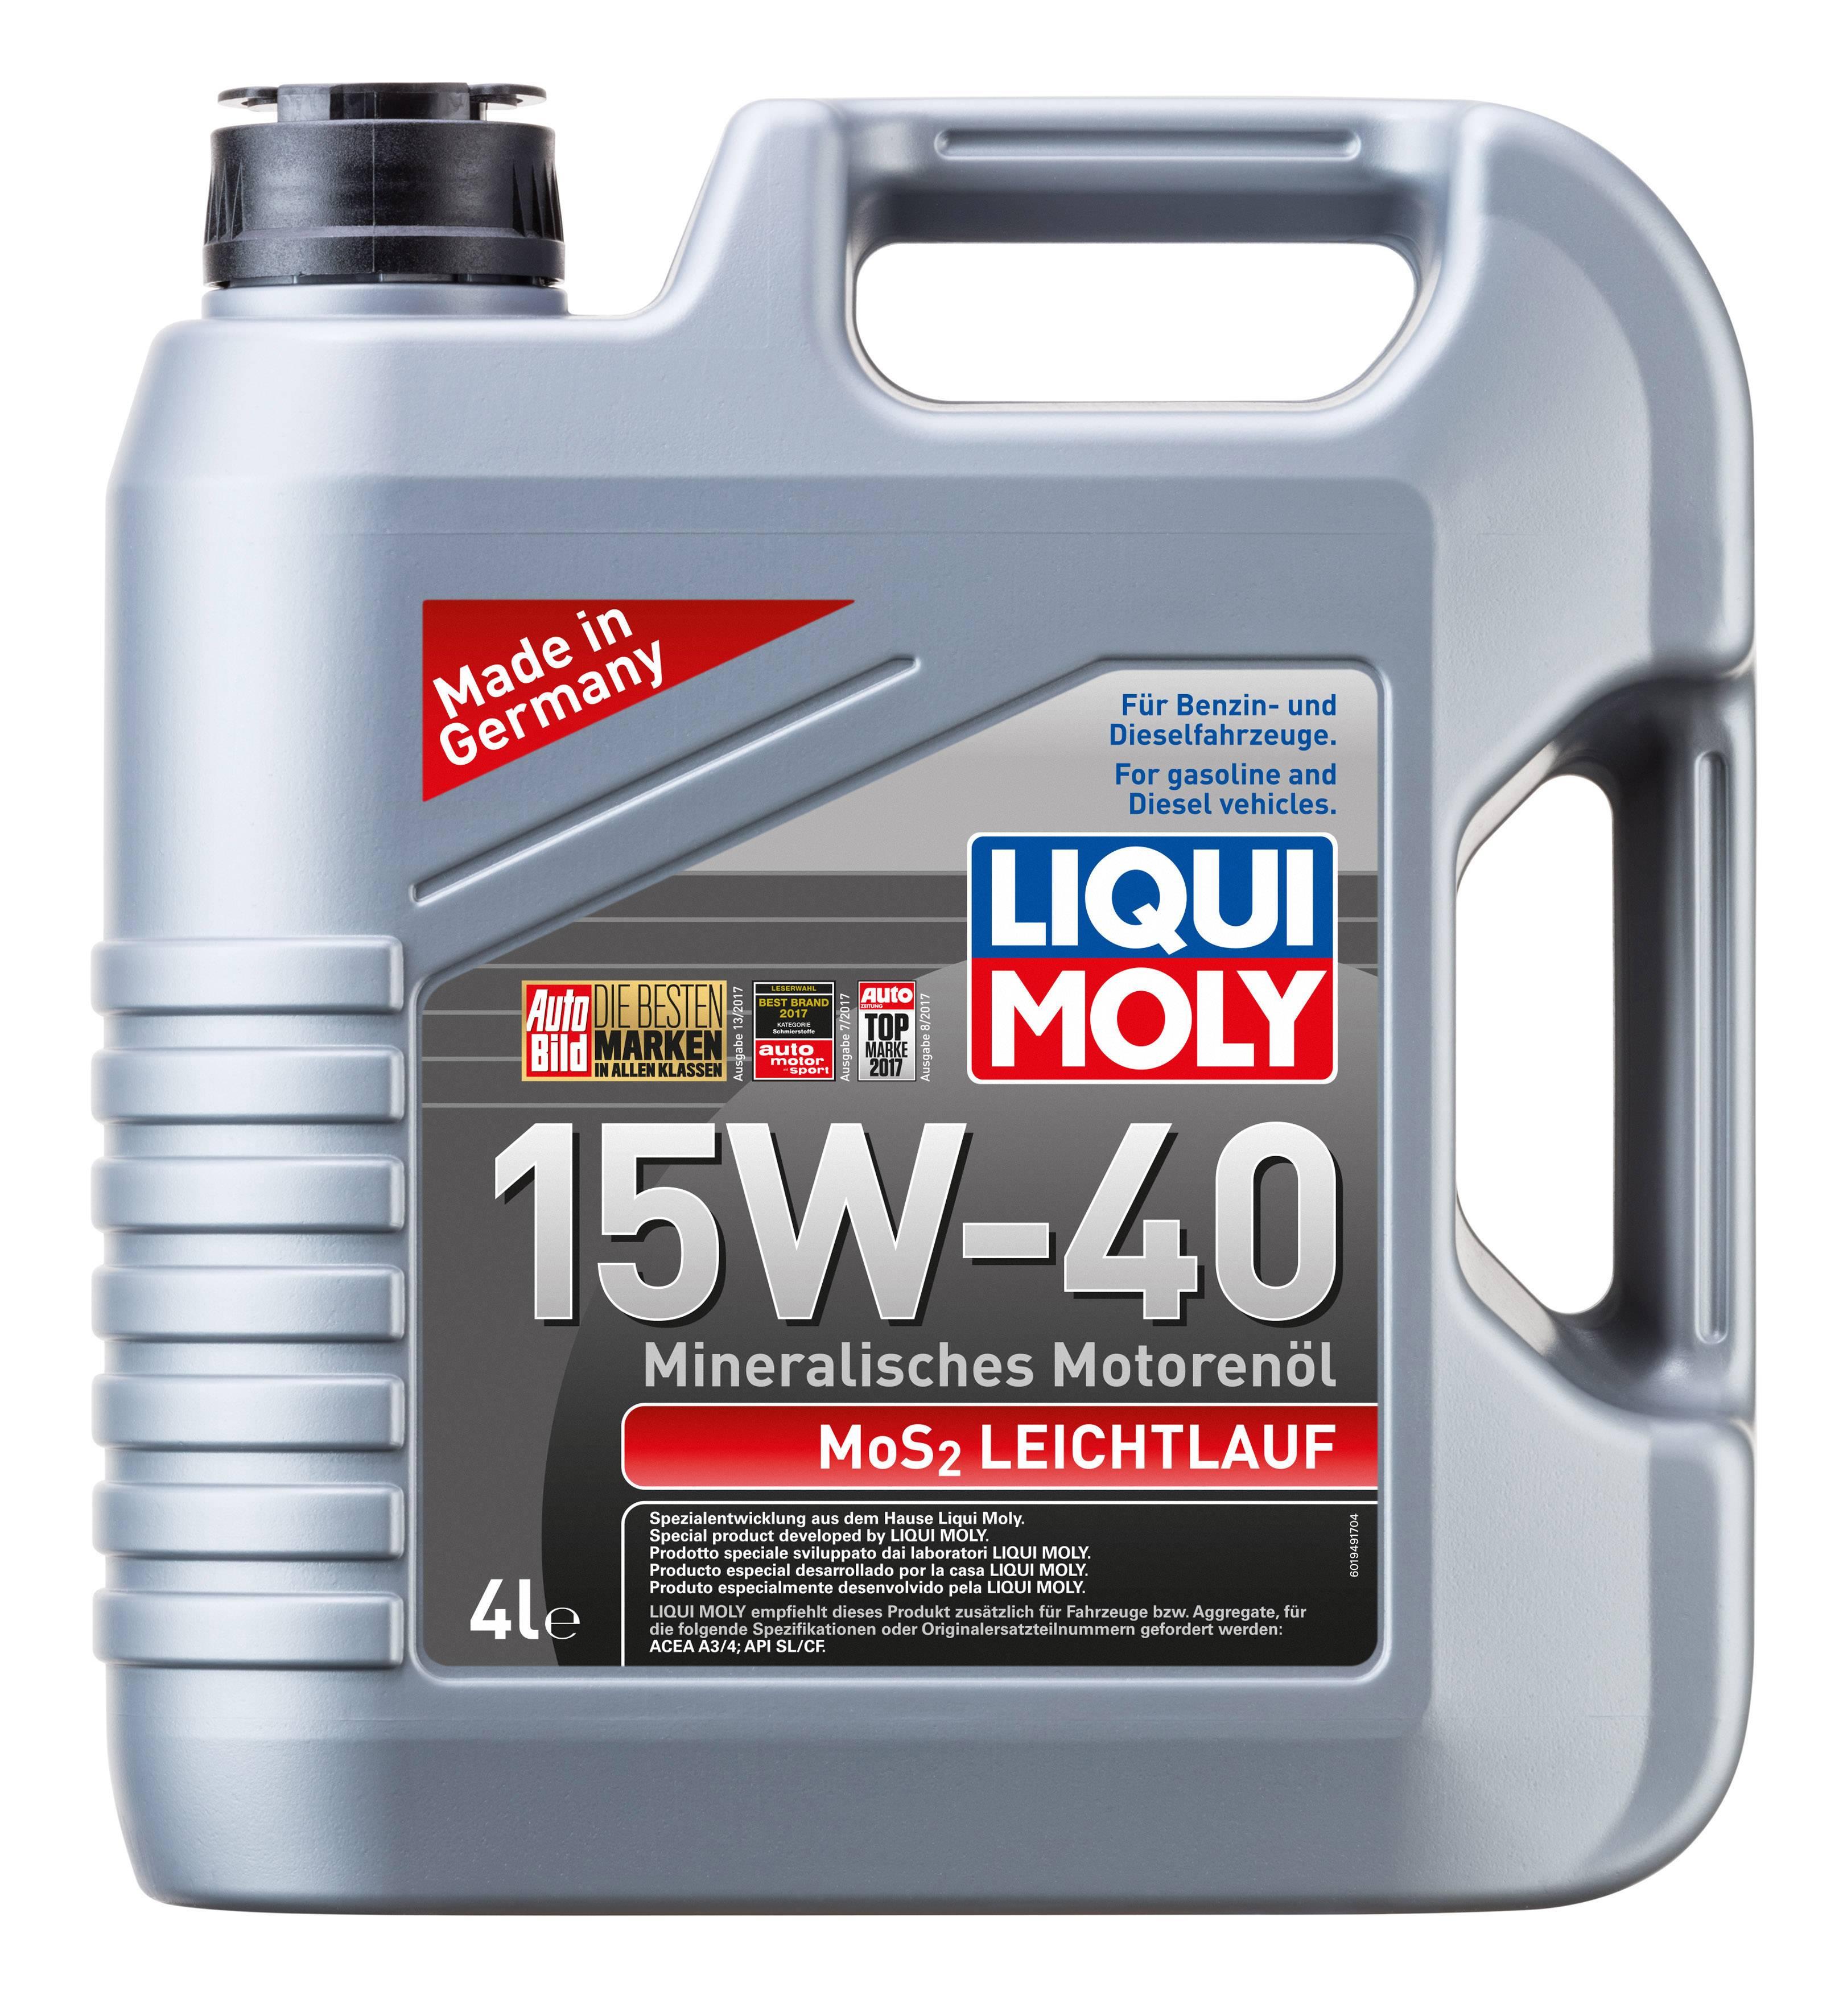 Liqui Moly MoS2 Leichtlauf SAE 15W-40